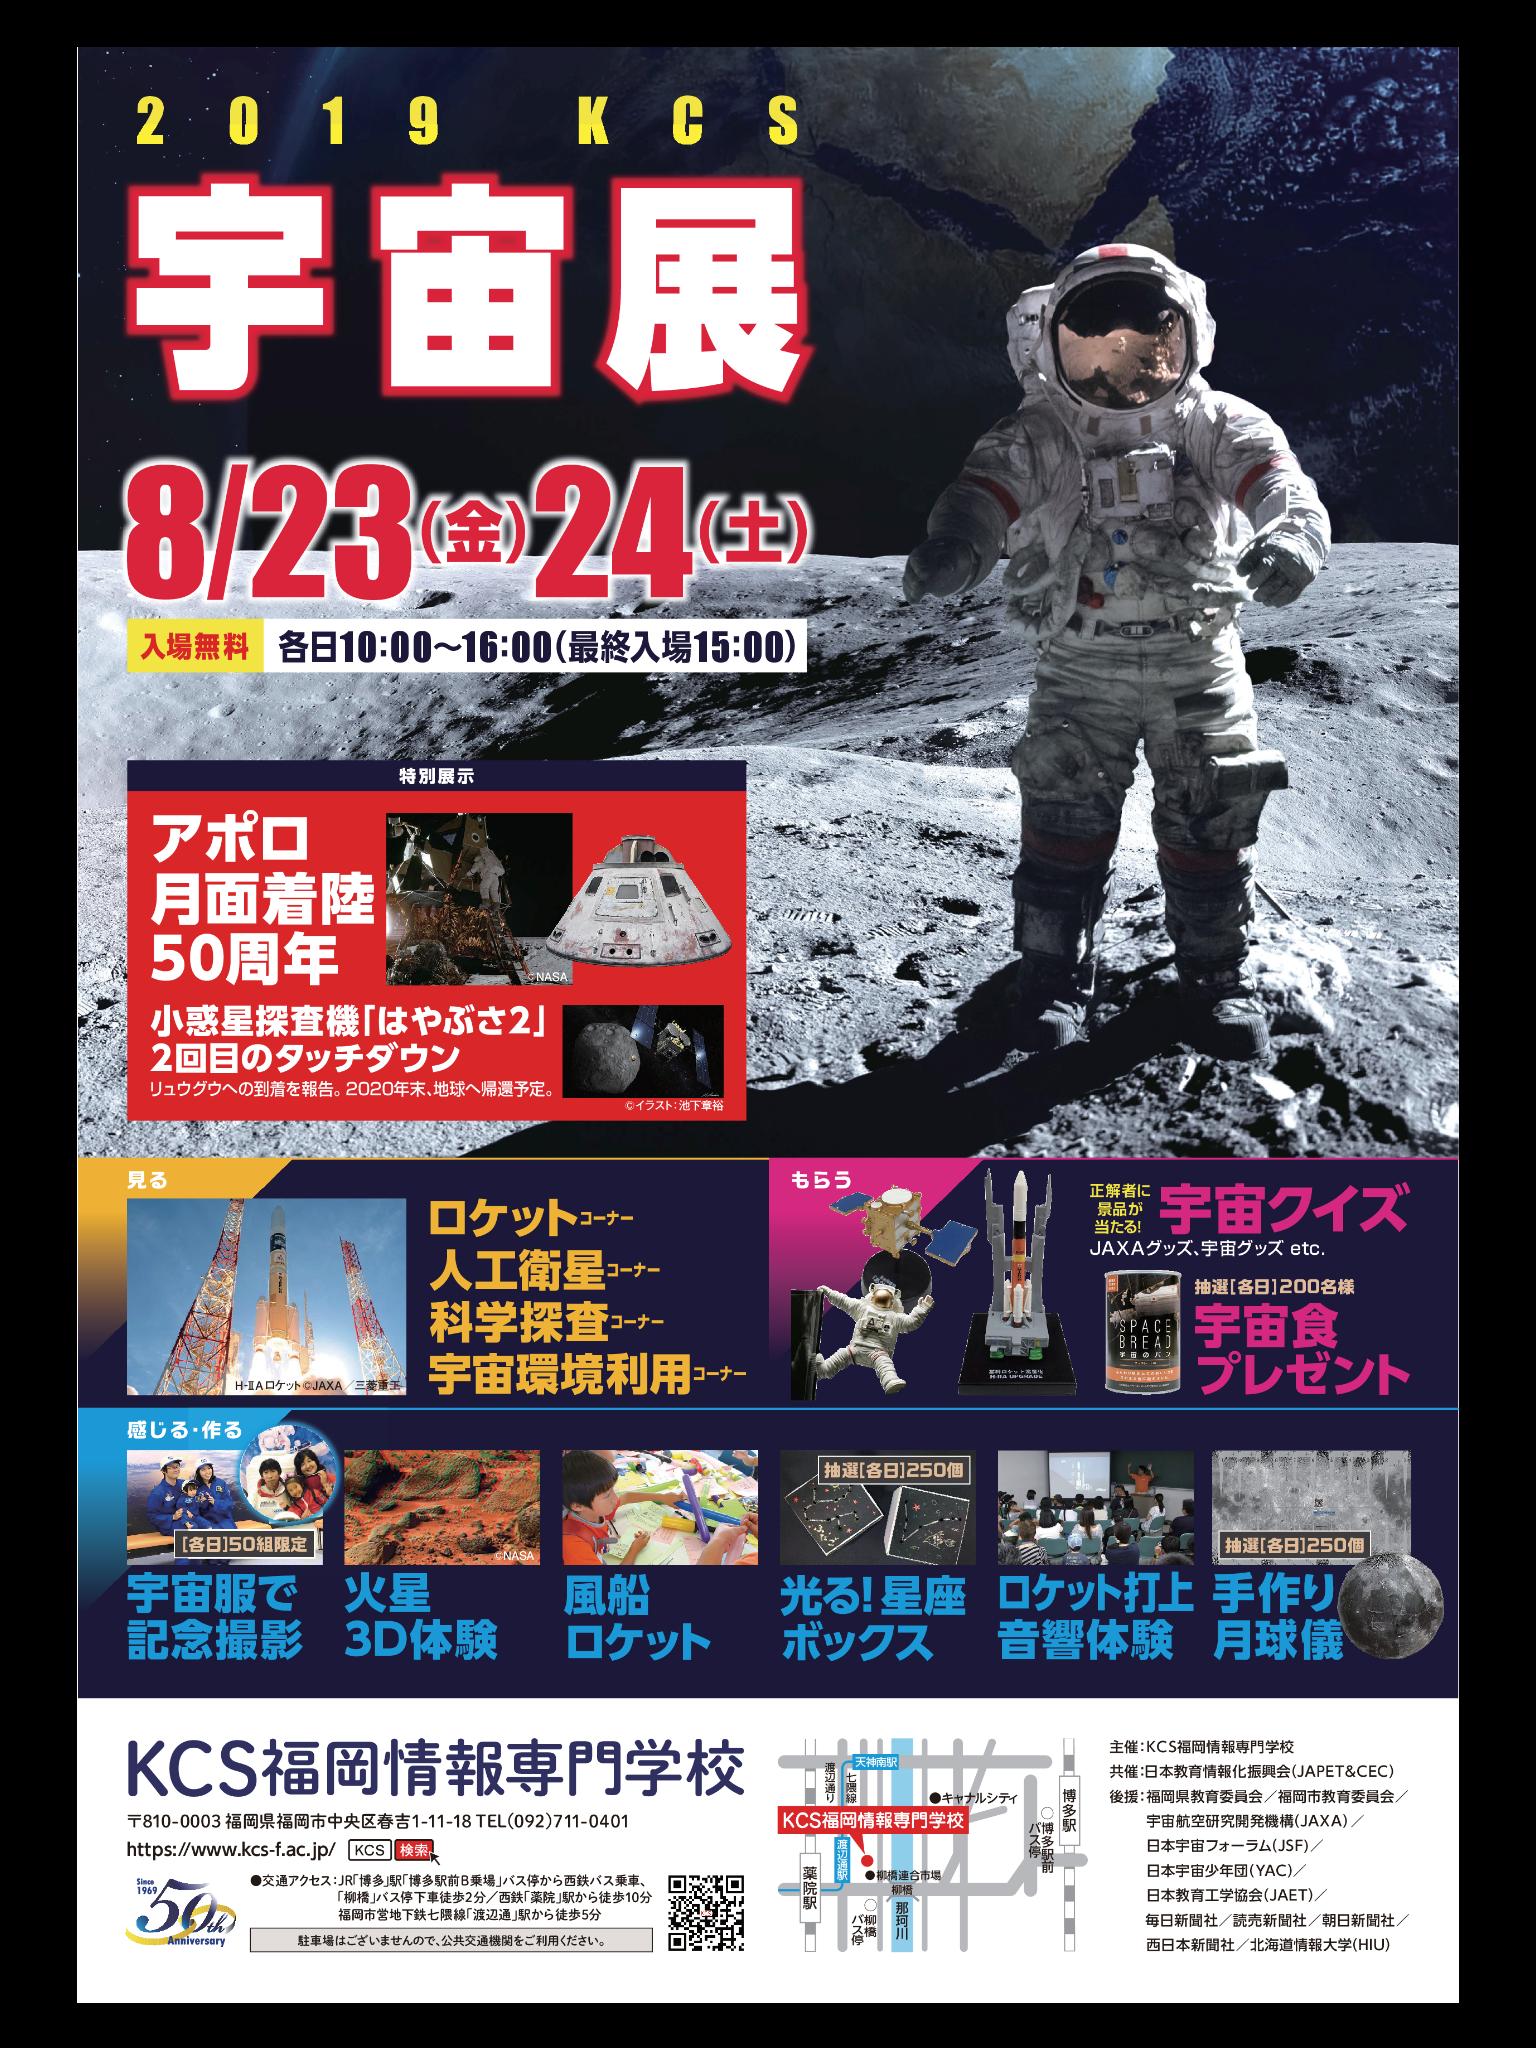 KCS宇宙展